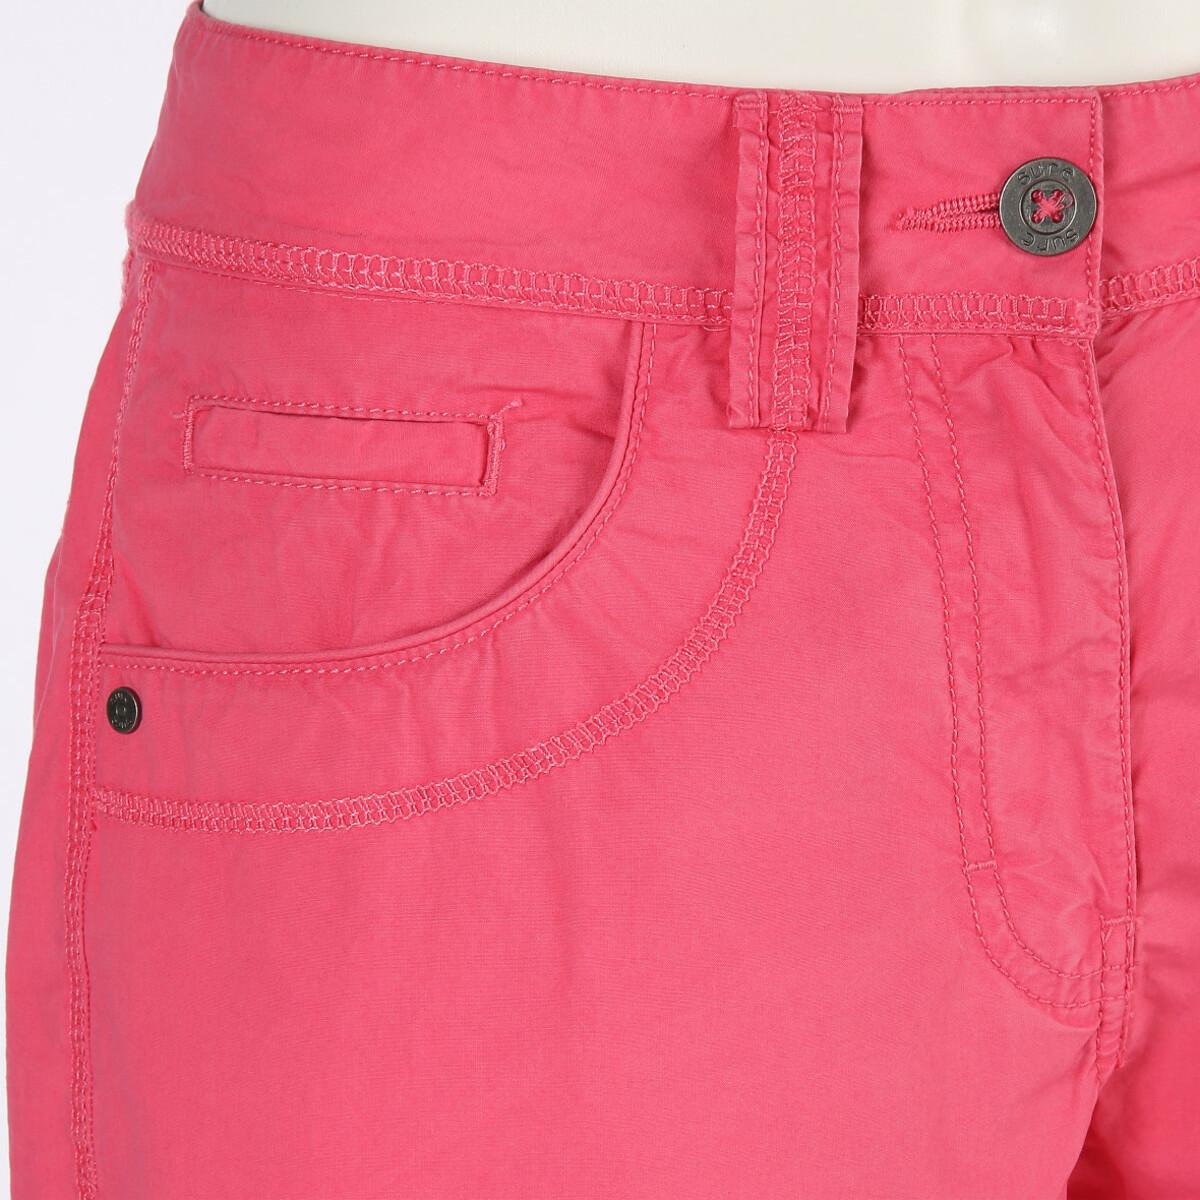 Bild 3 von Damen Shorts in sommerlicher Farbe